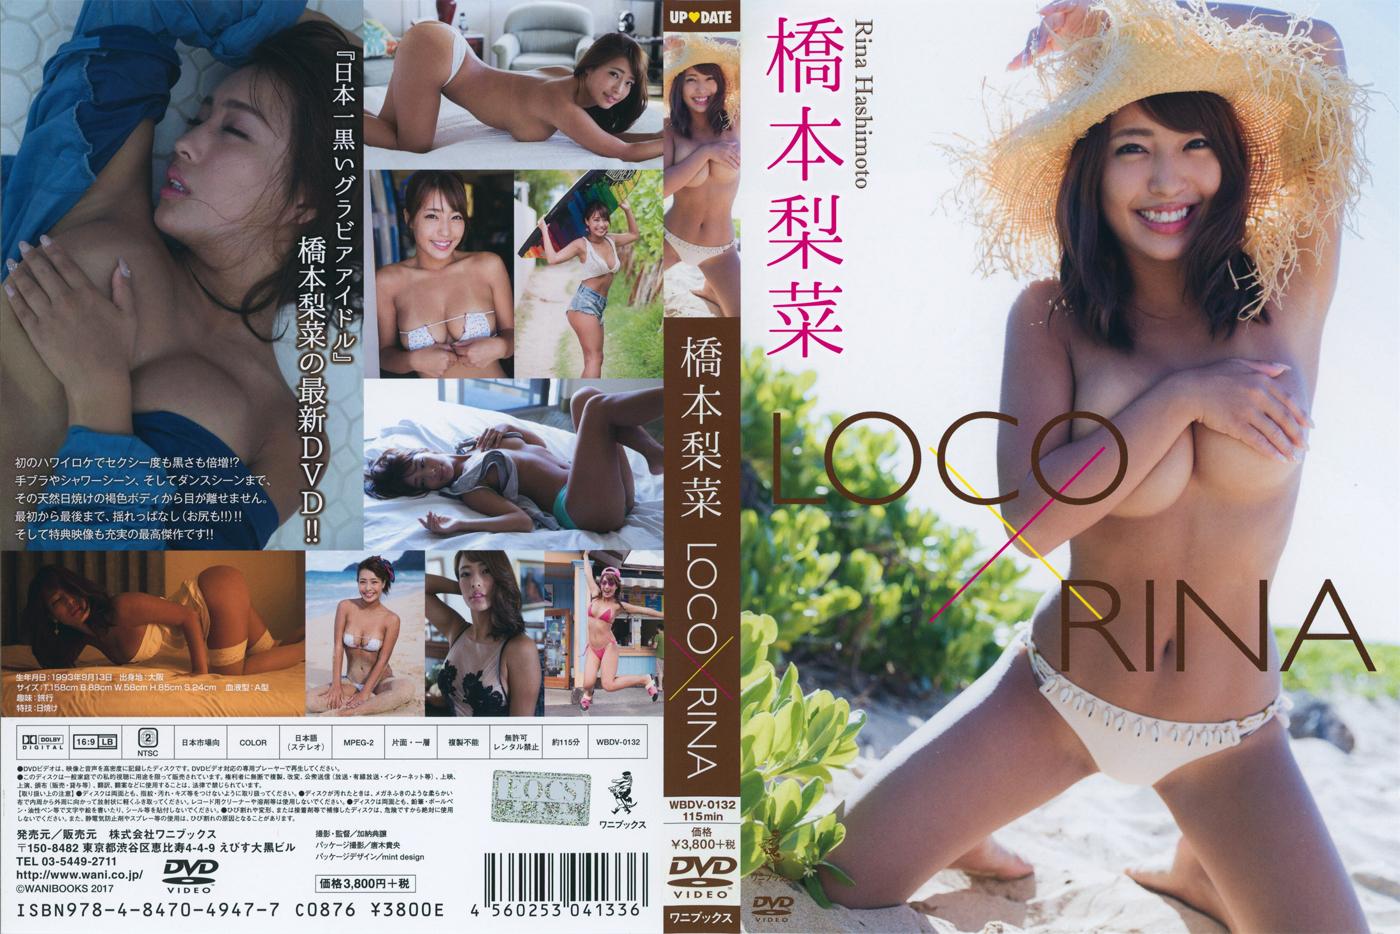 20171206.2154.3 WBDV-0132 (DVD) cover (JPOP.ru).jpg